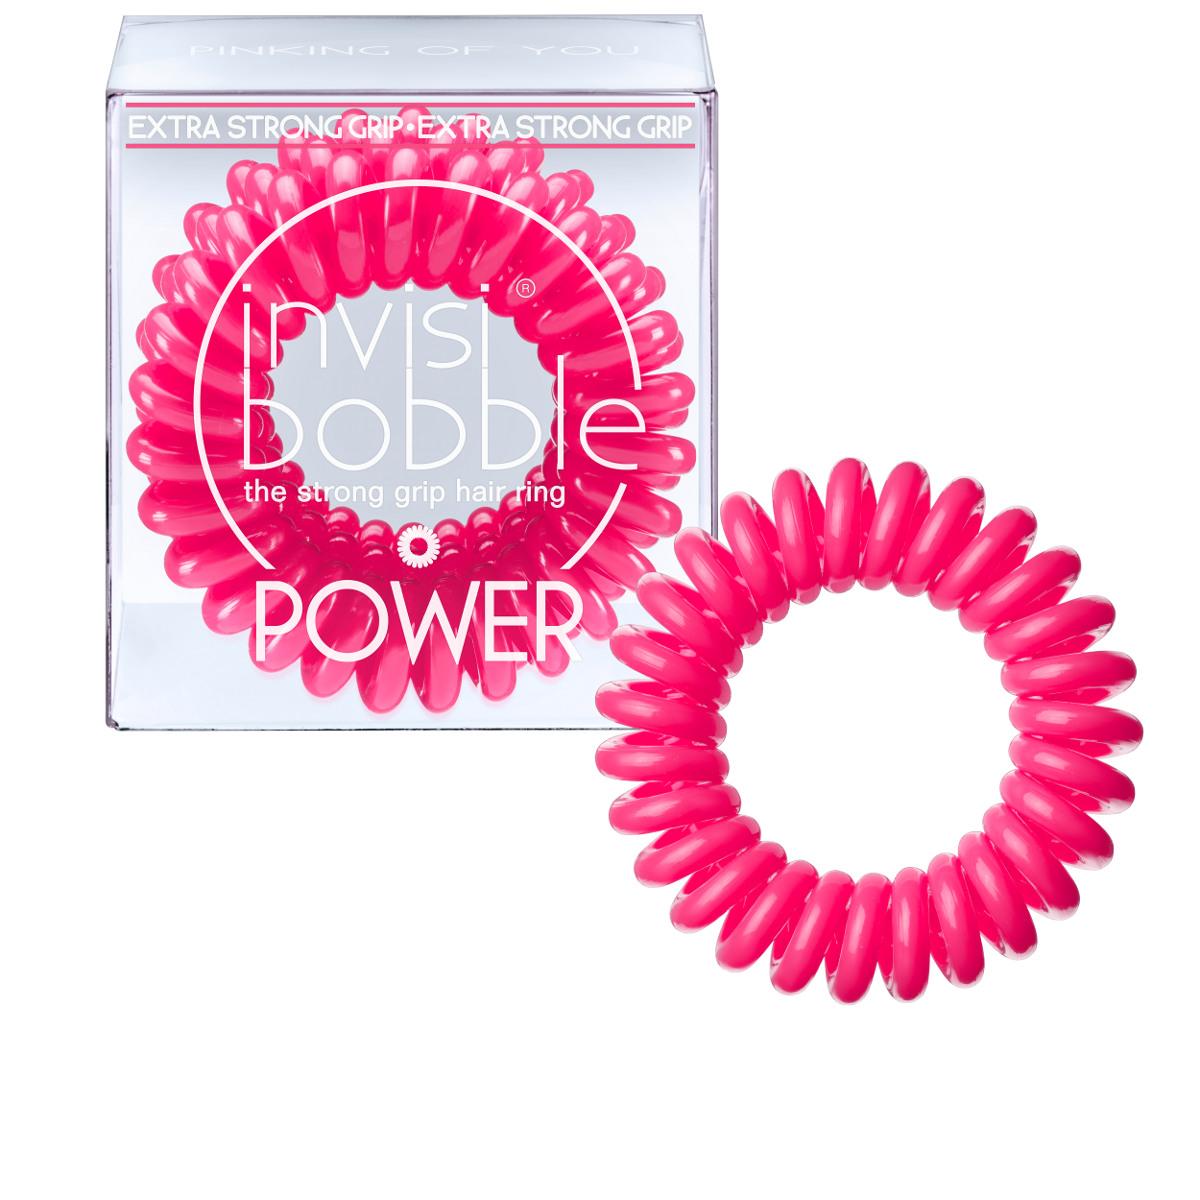 Invisibobble Резинка-браслет для волос Power Pinking of you3054Резиночка invisibobble pinking on you в розовом цвете из коллекции POWER приносит счастье и радость, а заодно привлекает к себе всеобщее внимание. Коллекция invisibobble POWER создана для всех, кто ведет активный образ жизни! Резинки-браслеты invisibobble POWER немного больше в размере, чем invisibobble ORIGINAL, а также имеют более плотные витки. Это позволяет плотно фиксировать волосы во время занятий спортом и активного отдыха. invisibobble POWER также идеальны для густых волос. Резинки-браслеты invisibobble подходят для всех типов волос, надежно фиксируют причёску, не оставляют заломов и не вызывают головную боль благодаря неравномерному распределению давления на волосы. Кроме того, они не намокают и не вызывают аллергию при контакте с кожей, поскольку изготовлены из искусственной смолы.